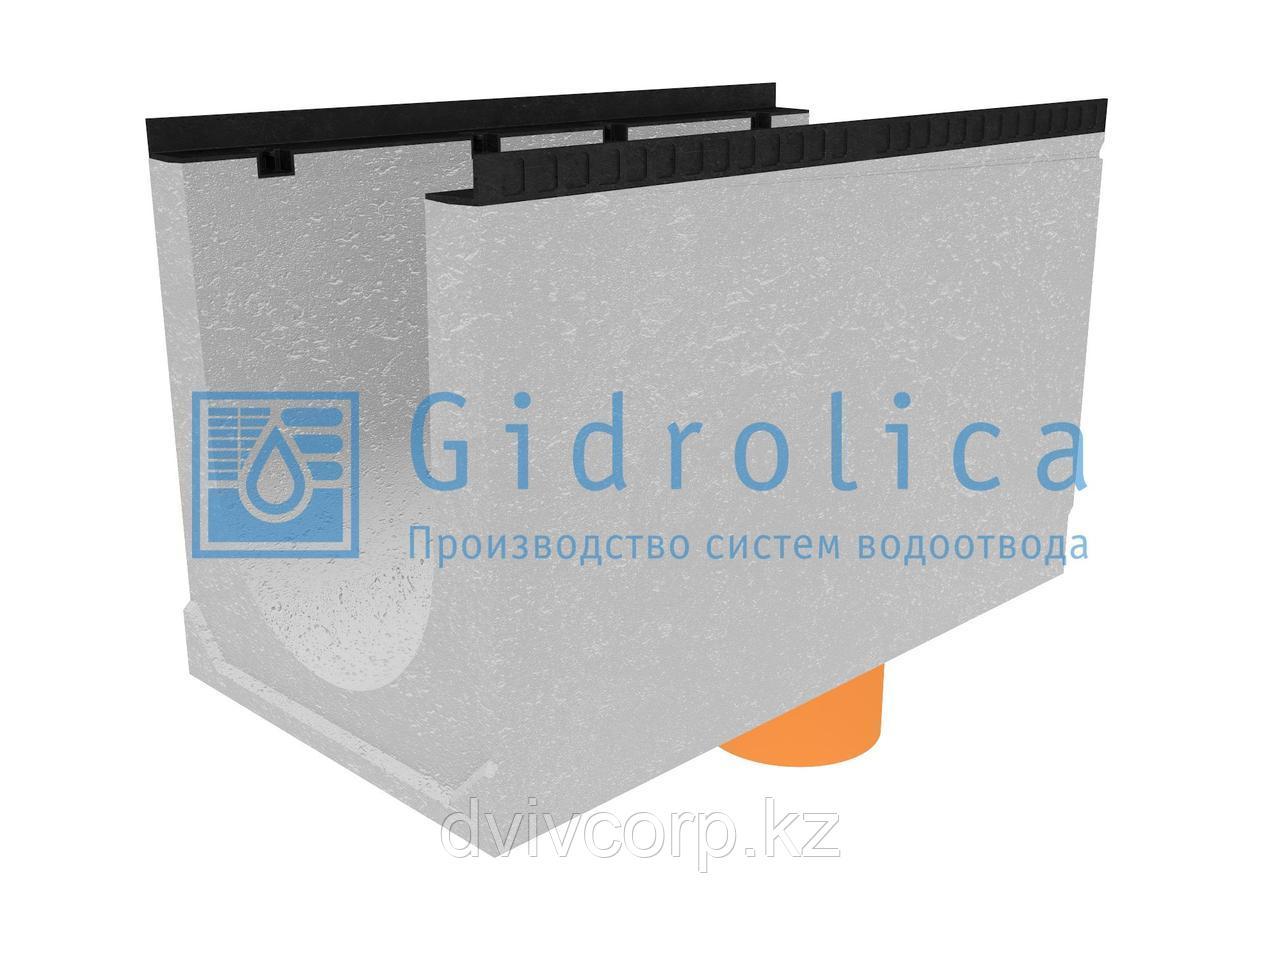 Лоток водоотводный бетонный коробчатый (СО-400мм), с водосливом КUв 100.54(40).62,5(54,5) - BGМ, № 35-0